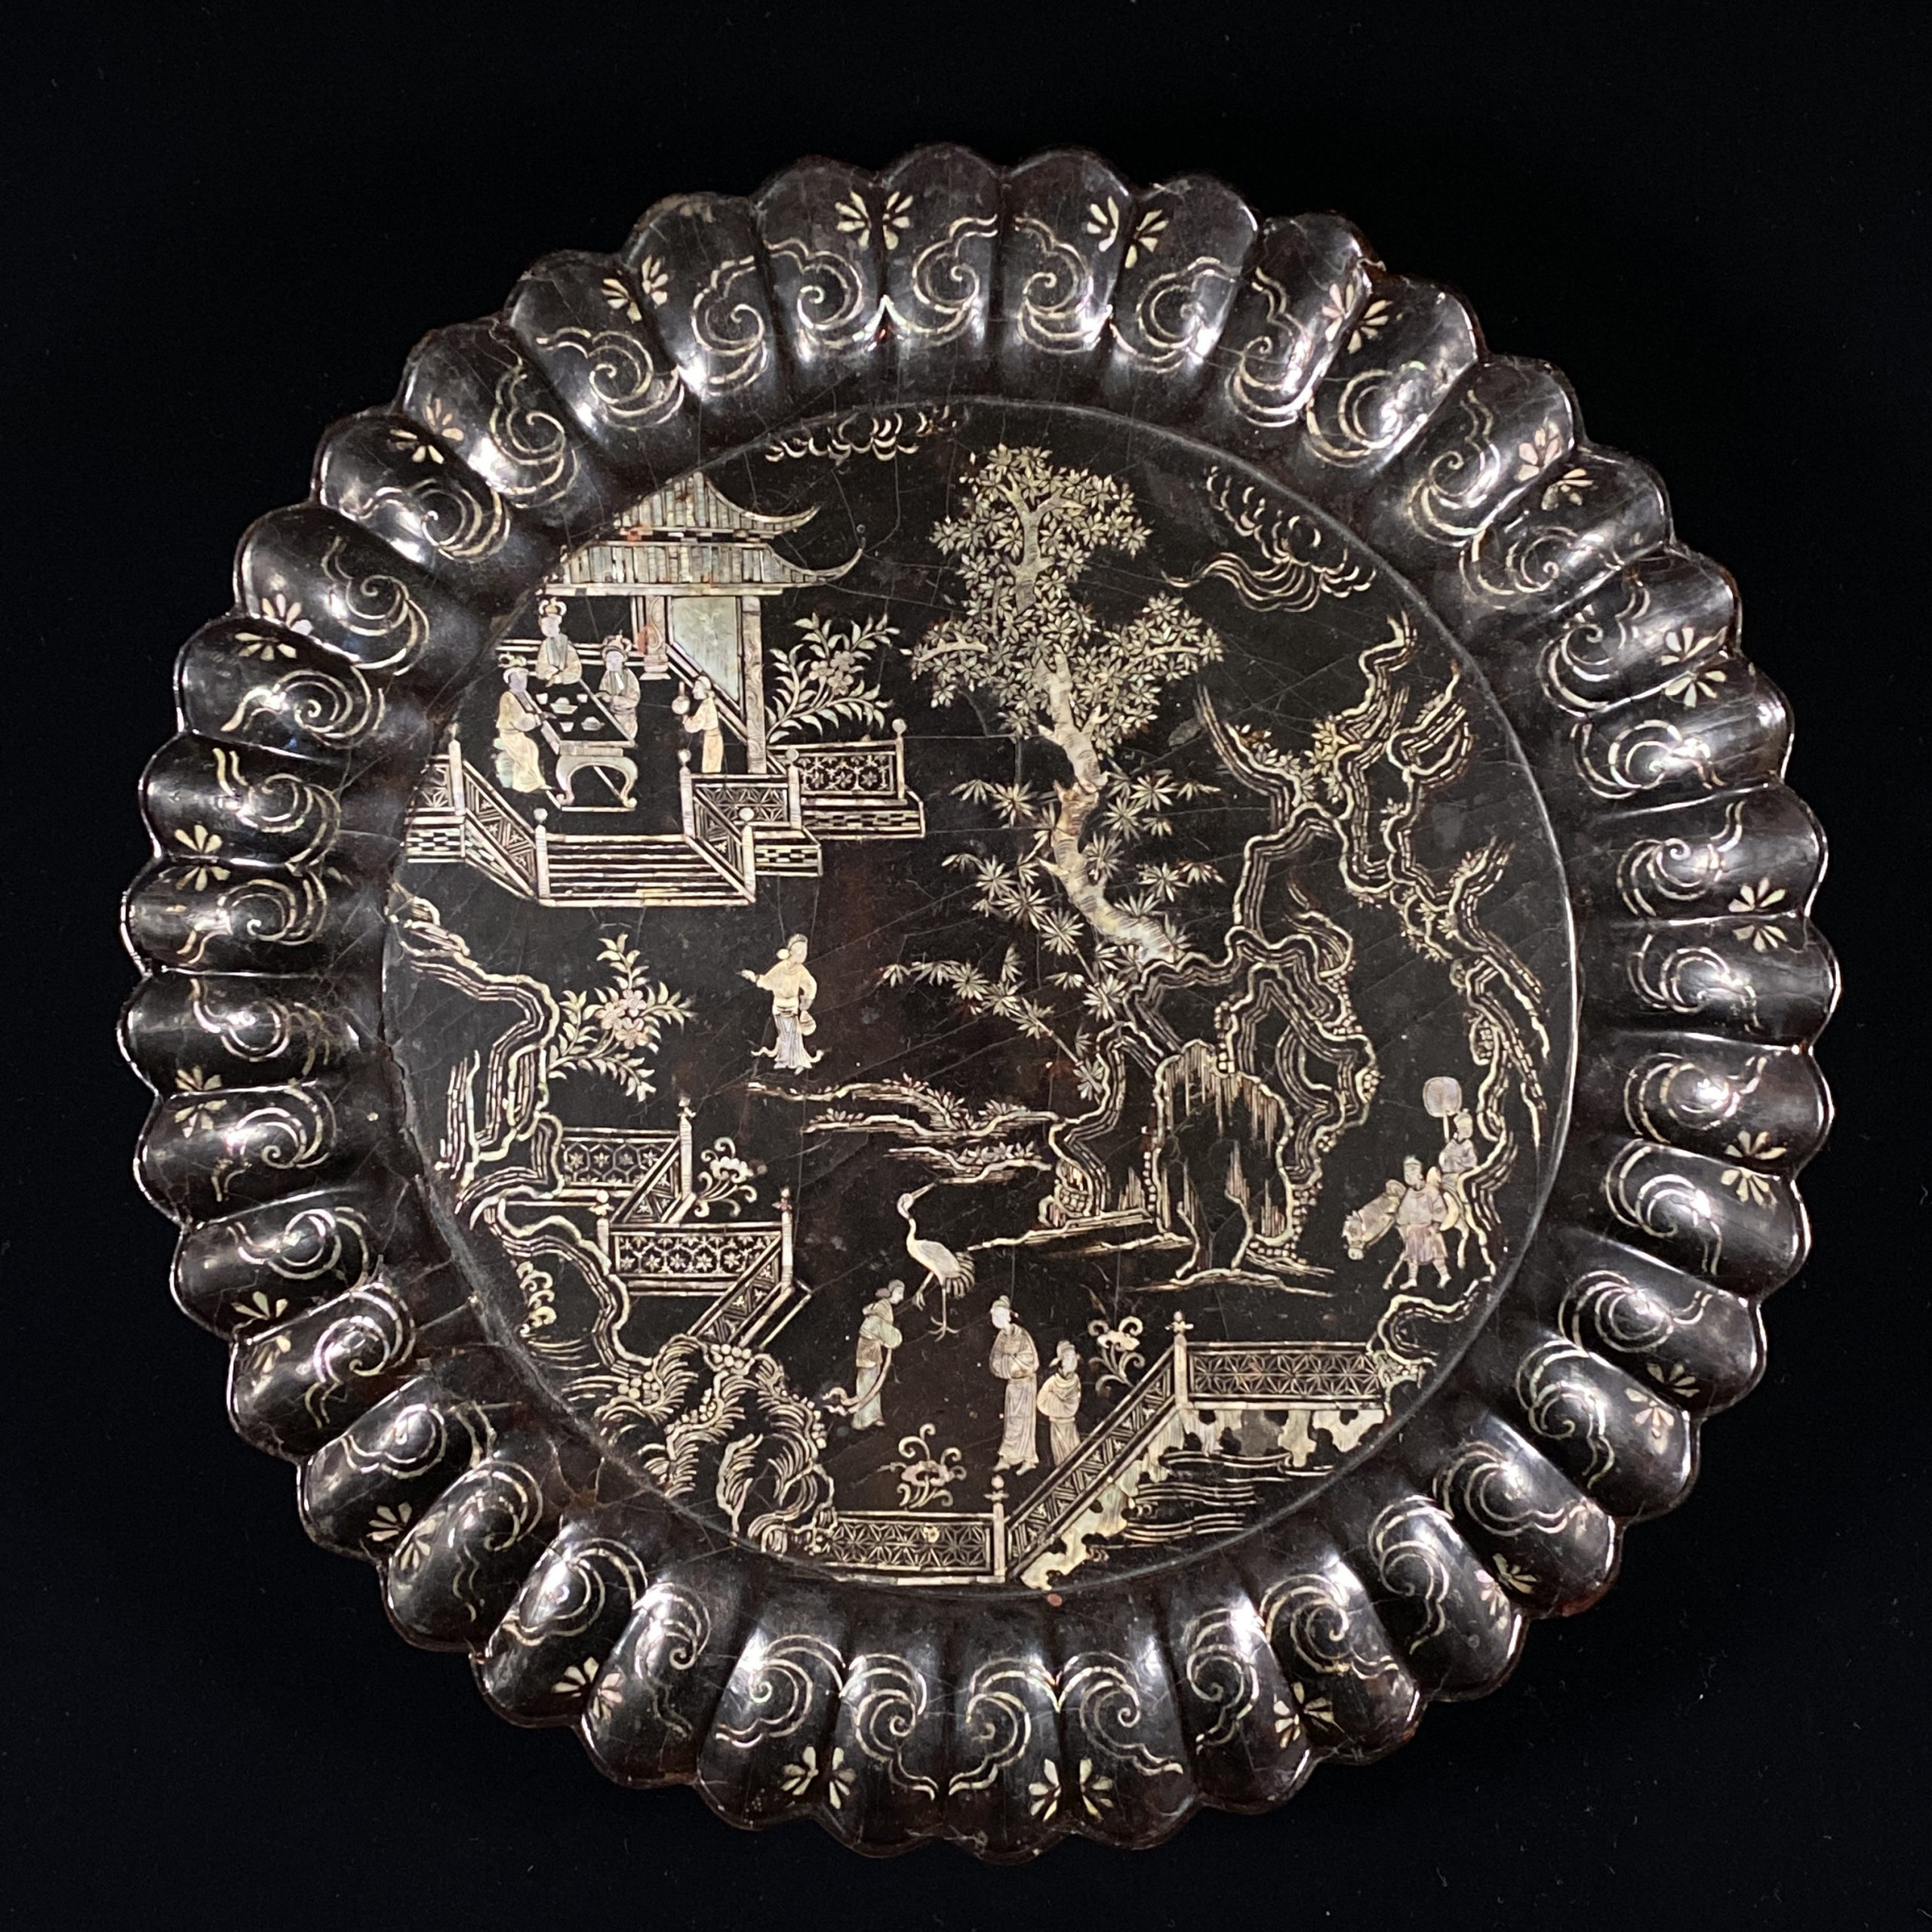 21472明 黒漆嵌螺鈿 楼閣人物紋 輪花盤